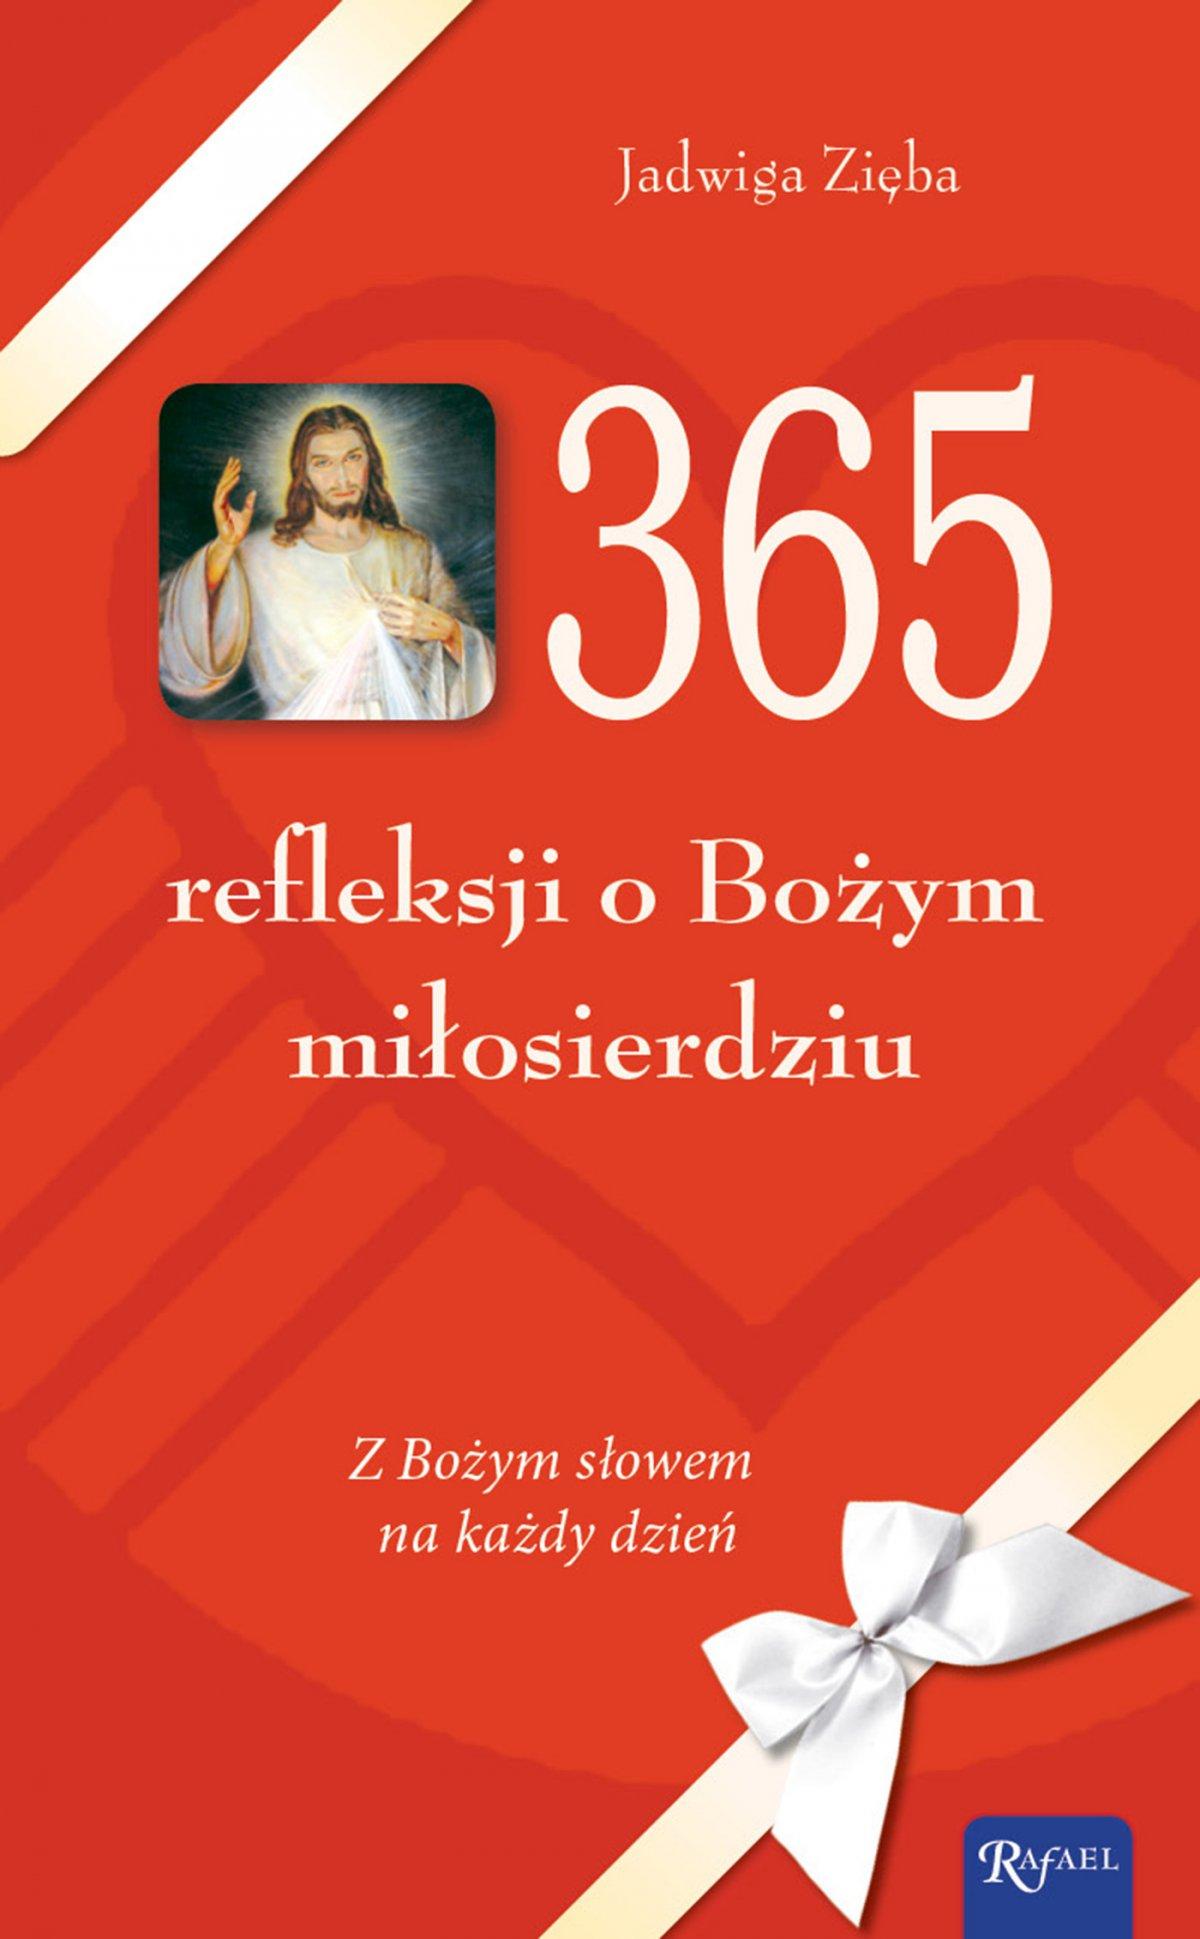 365 refleksji o Bożym miłosierdziu. Z Bożym słowem na każdy dzień - Ebook (Książka EPUB) do pobrania w formacie EPUB